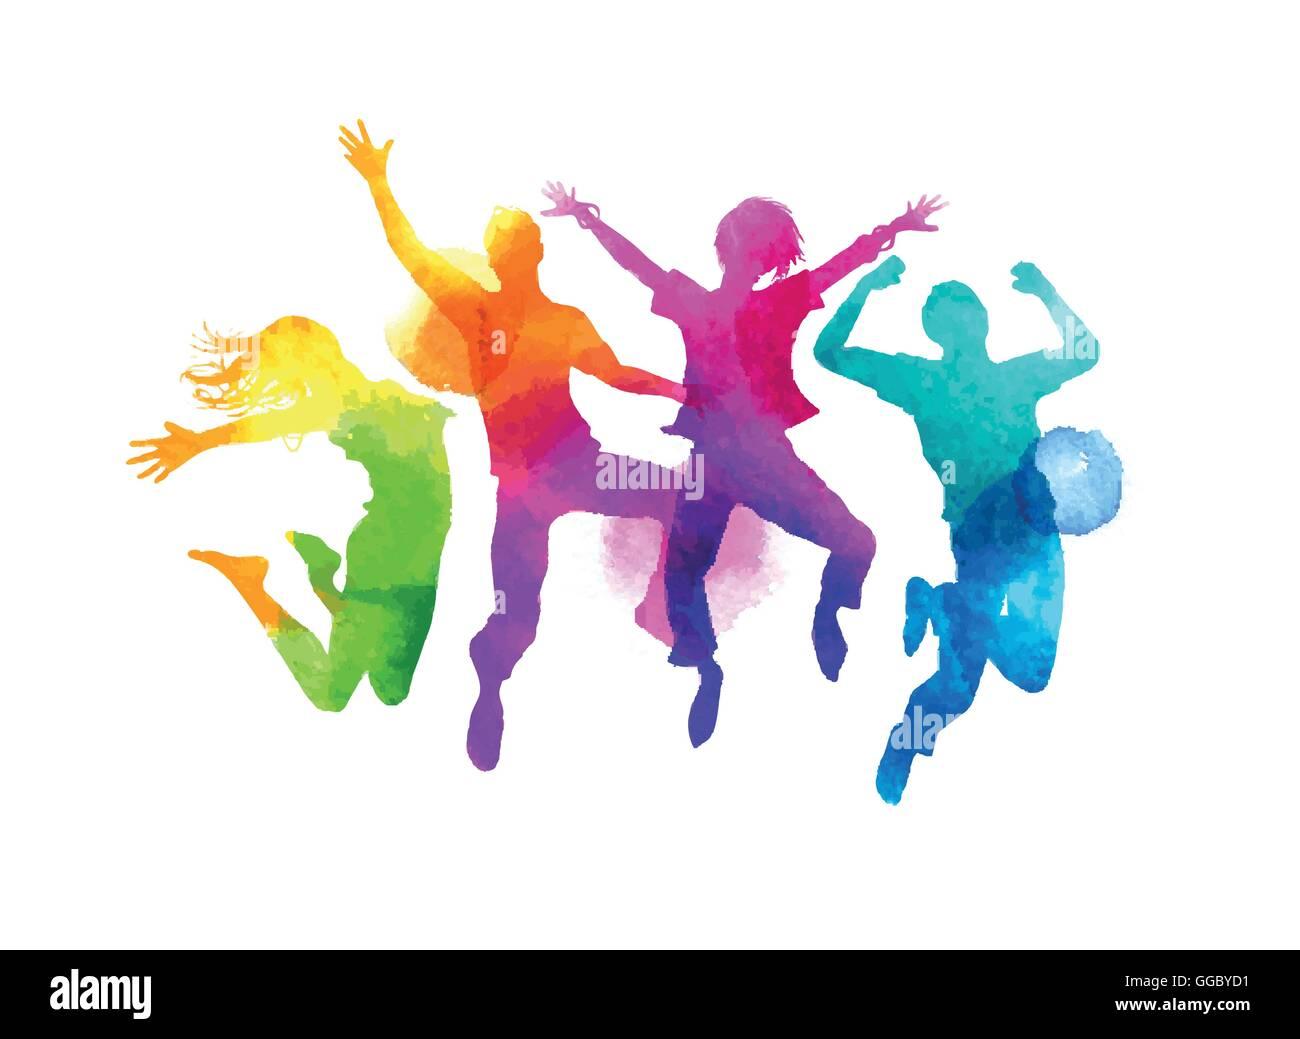 Un grupo de amigos saltando expresar felicidad. Acuarela ilustración vectorial. Imagen De Stock